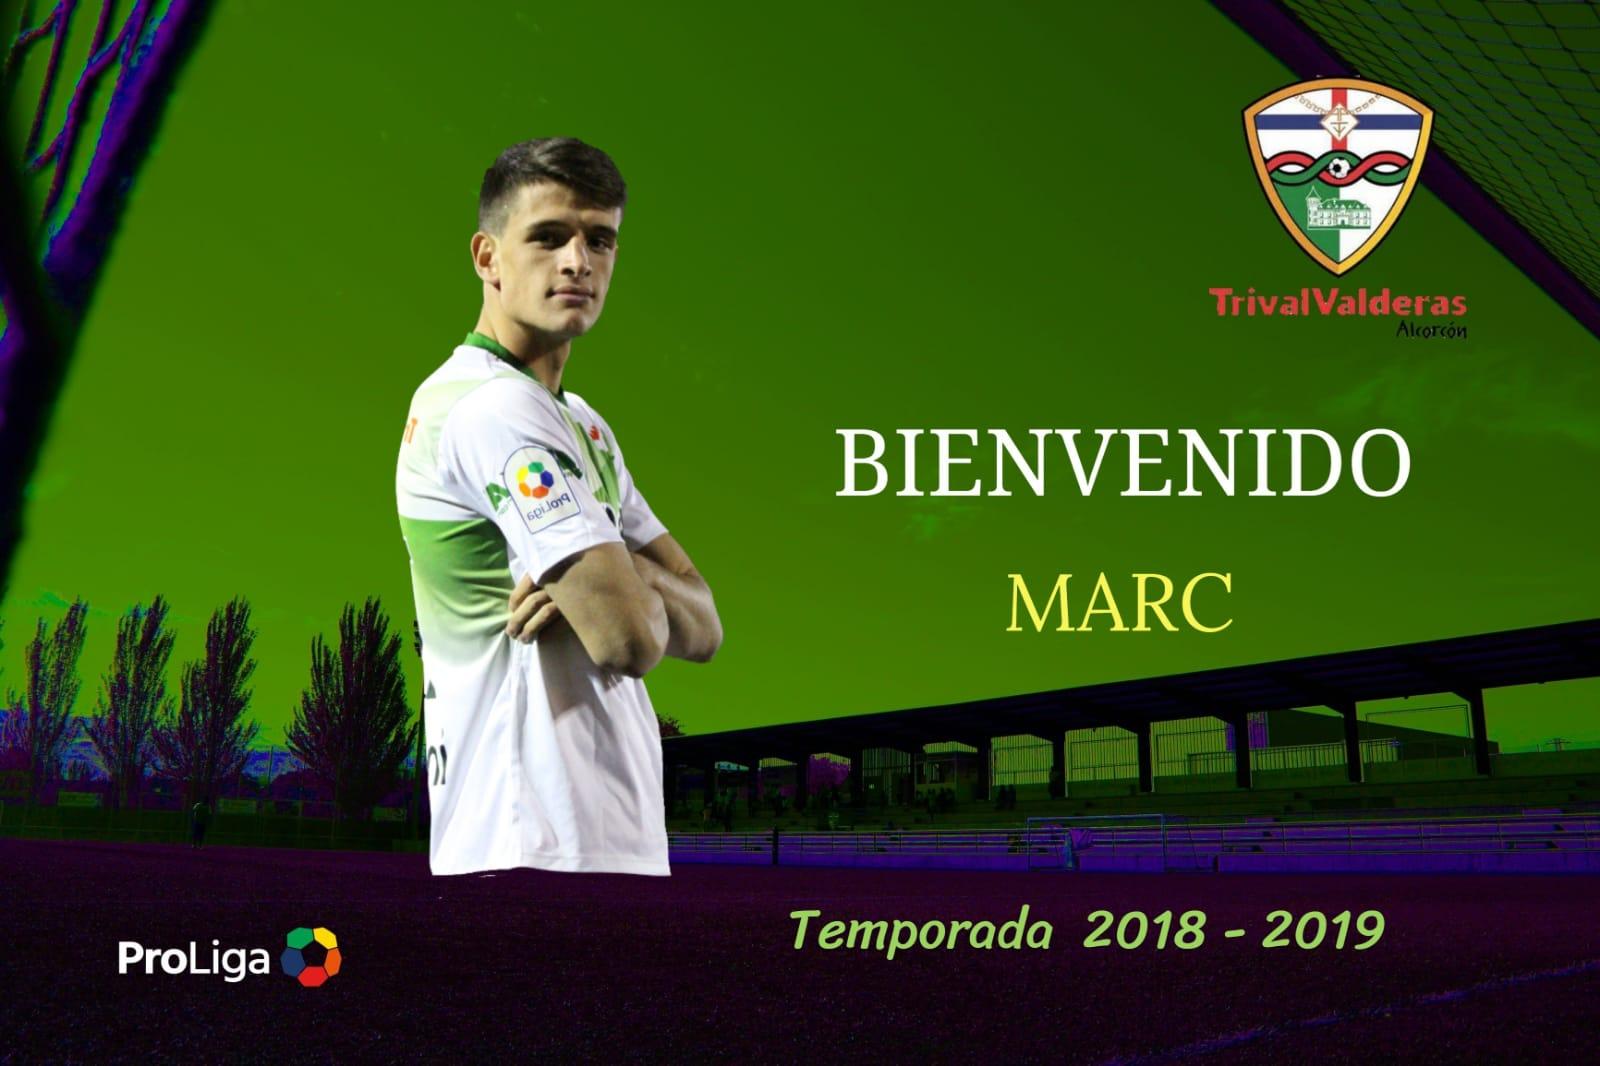 OFICIAL: Marc, nueva incorporación del Primer Equipo